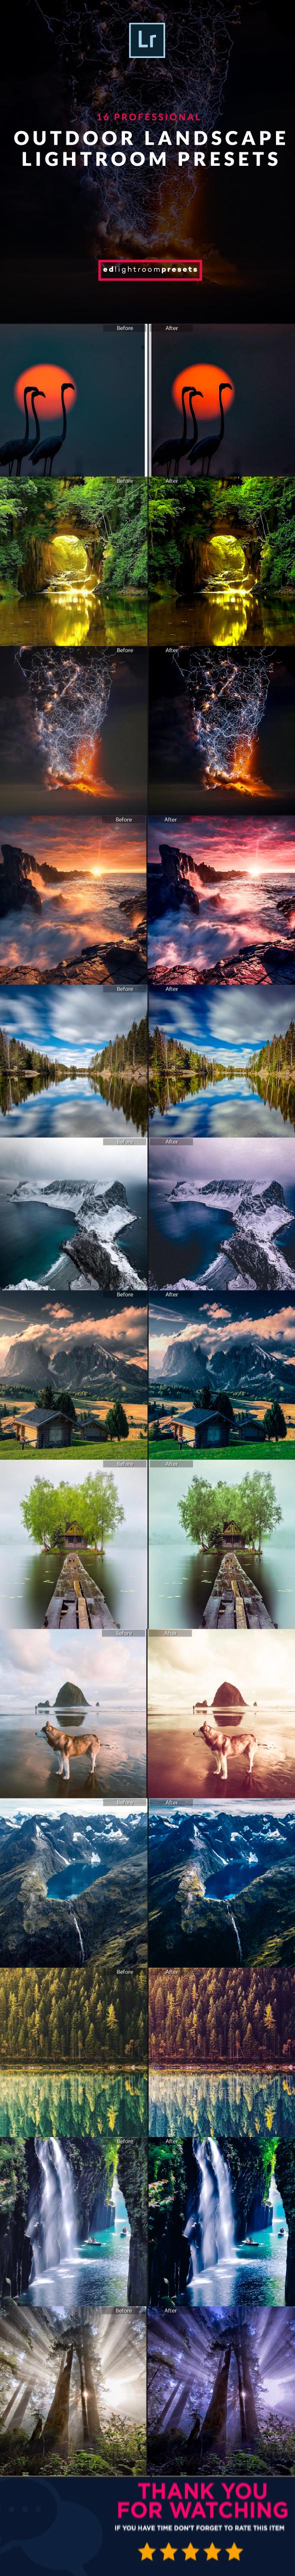 GraphicRiver 15 Pro Ultra Landscape Outdoor Lightroom Presets 21147438